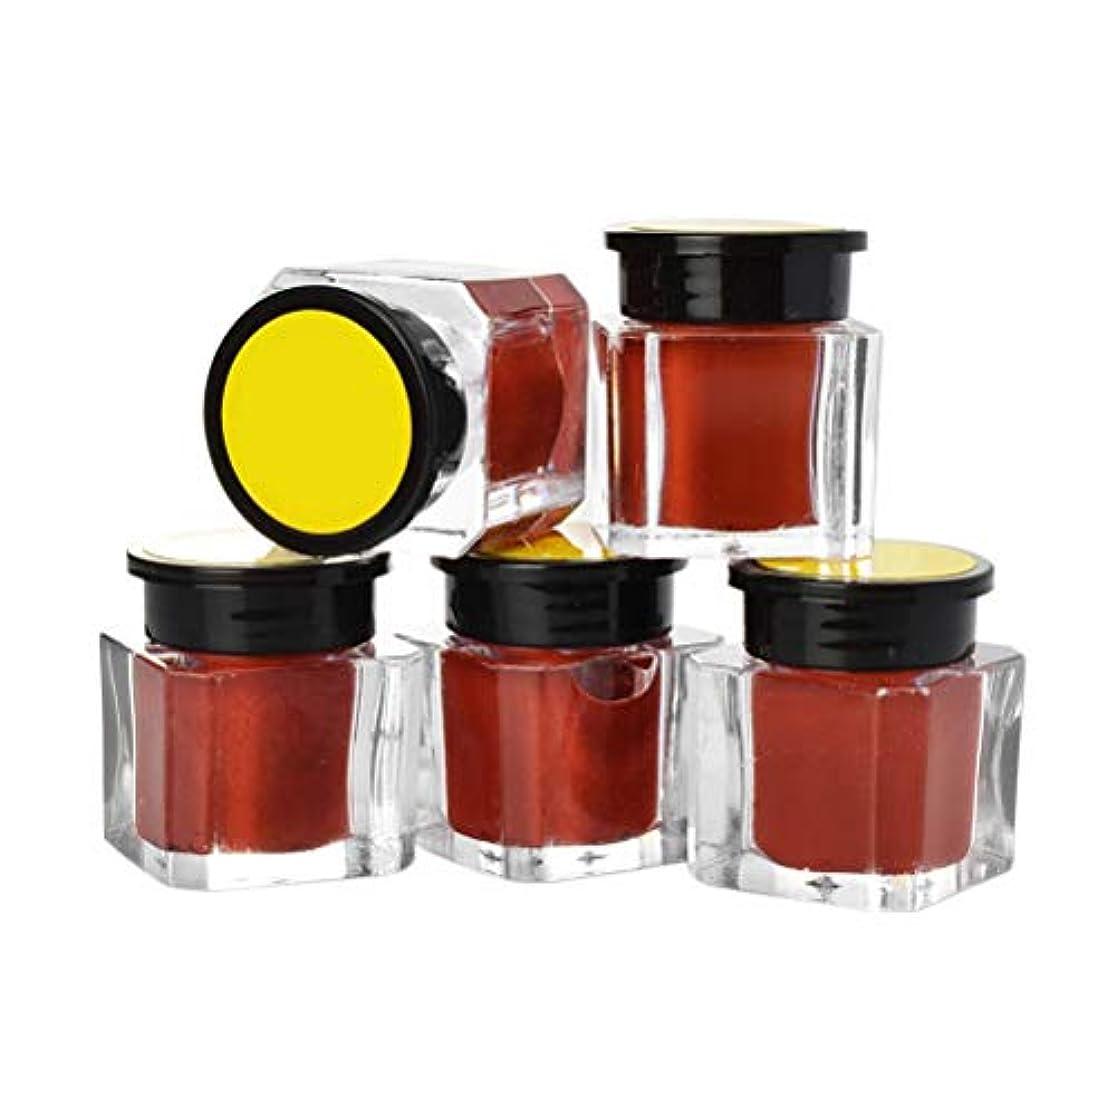 神経一般的に透明にHealifty 5ピースタトゥーインク顔料眉アイライナーボディーアート塗料マイクロブレードカラー顔料コーヒー